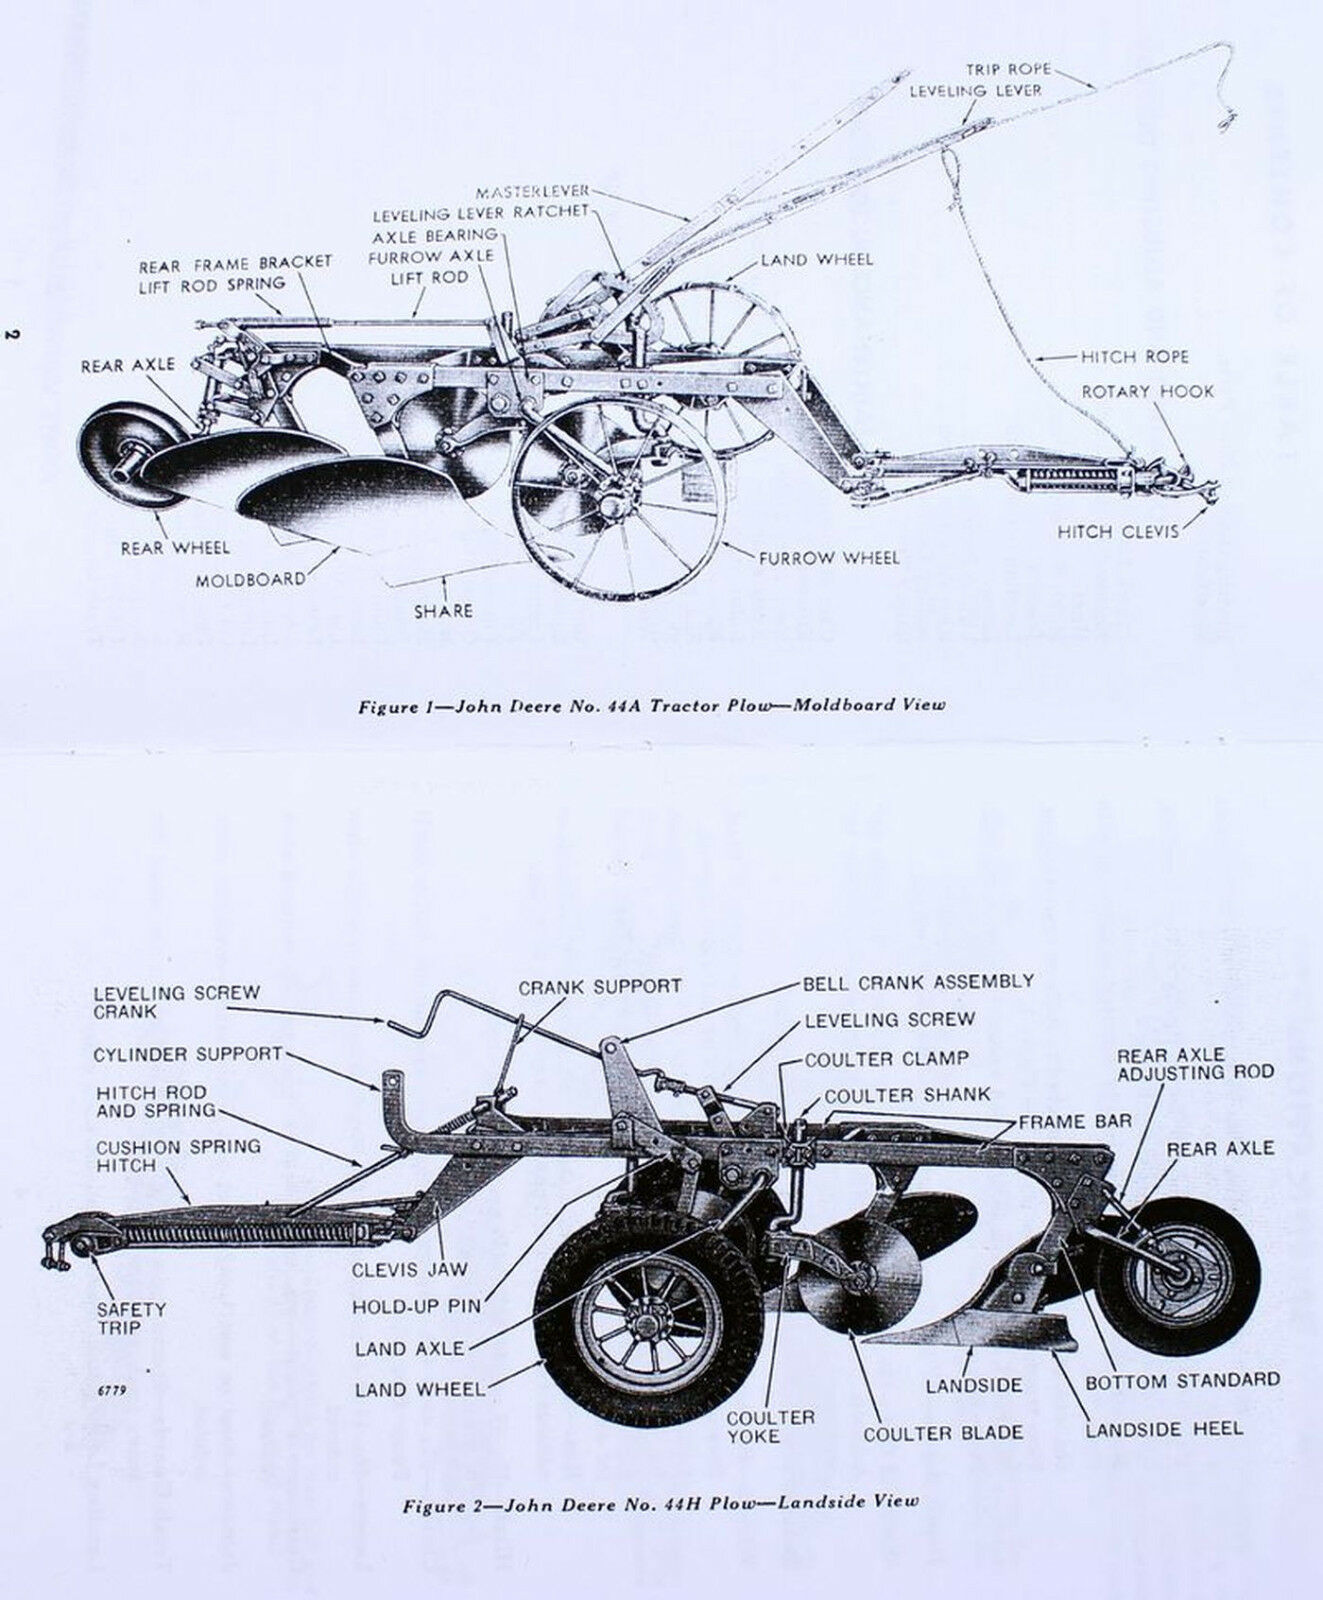 John Deere Plow Parts Diagram